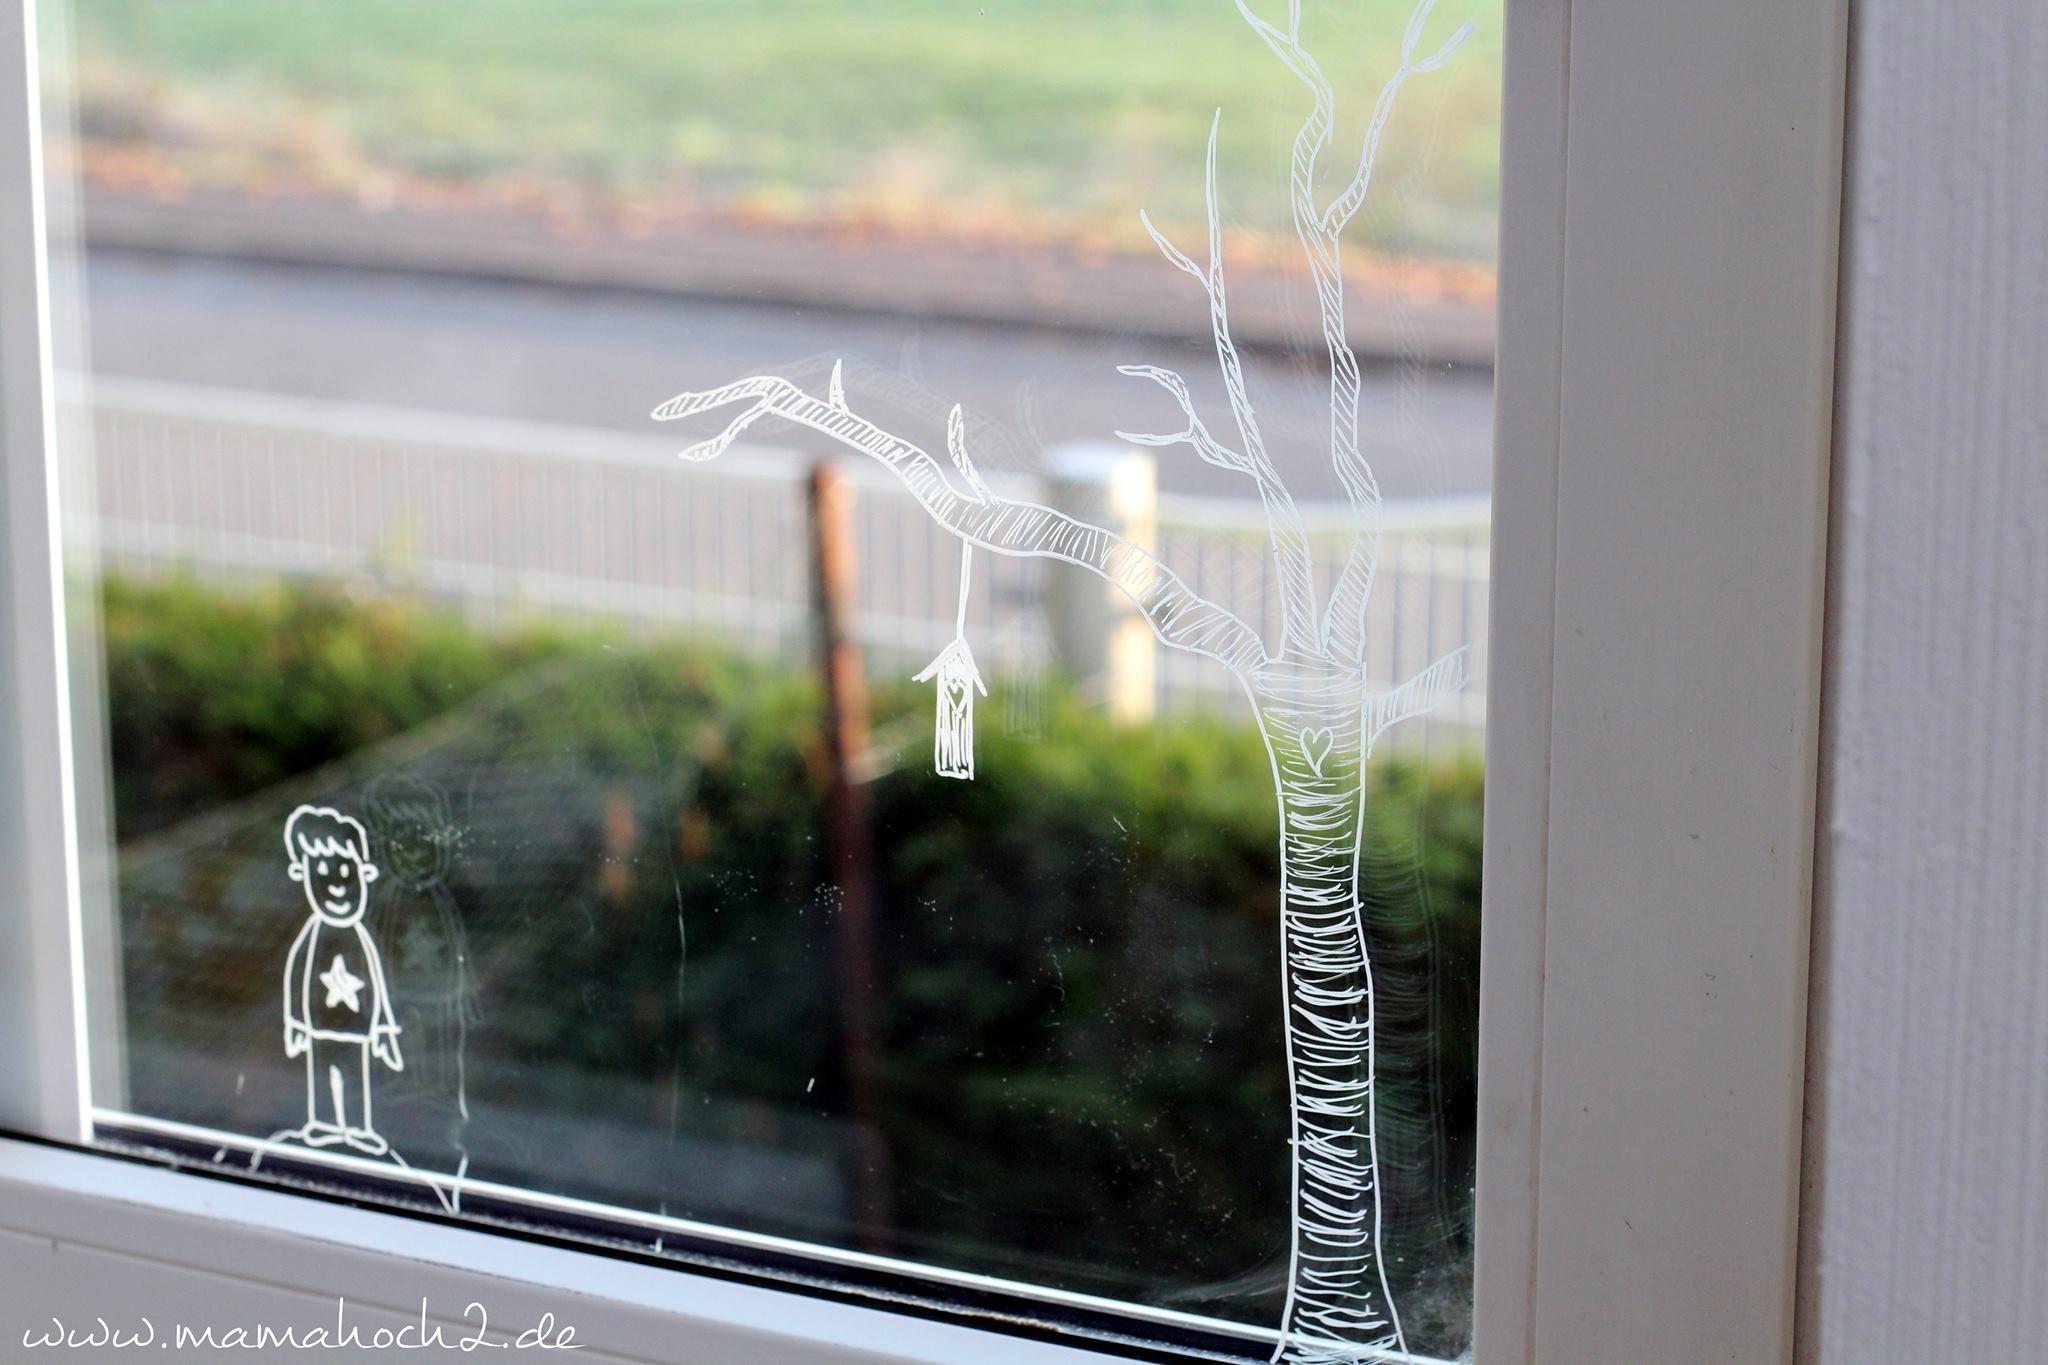 Winter Fensterbilder Diy Ein Paar Ideen Wie Du Deine Fenster Gestalten Kannst Mamahoch2 Fensterbilder Basteln Fensterbilder Herbst Dekoration